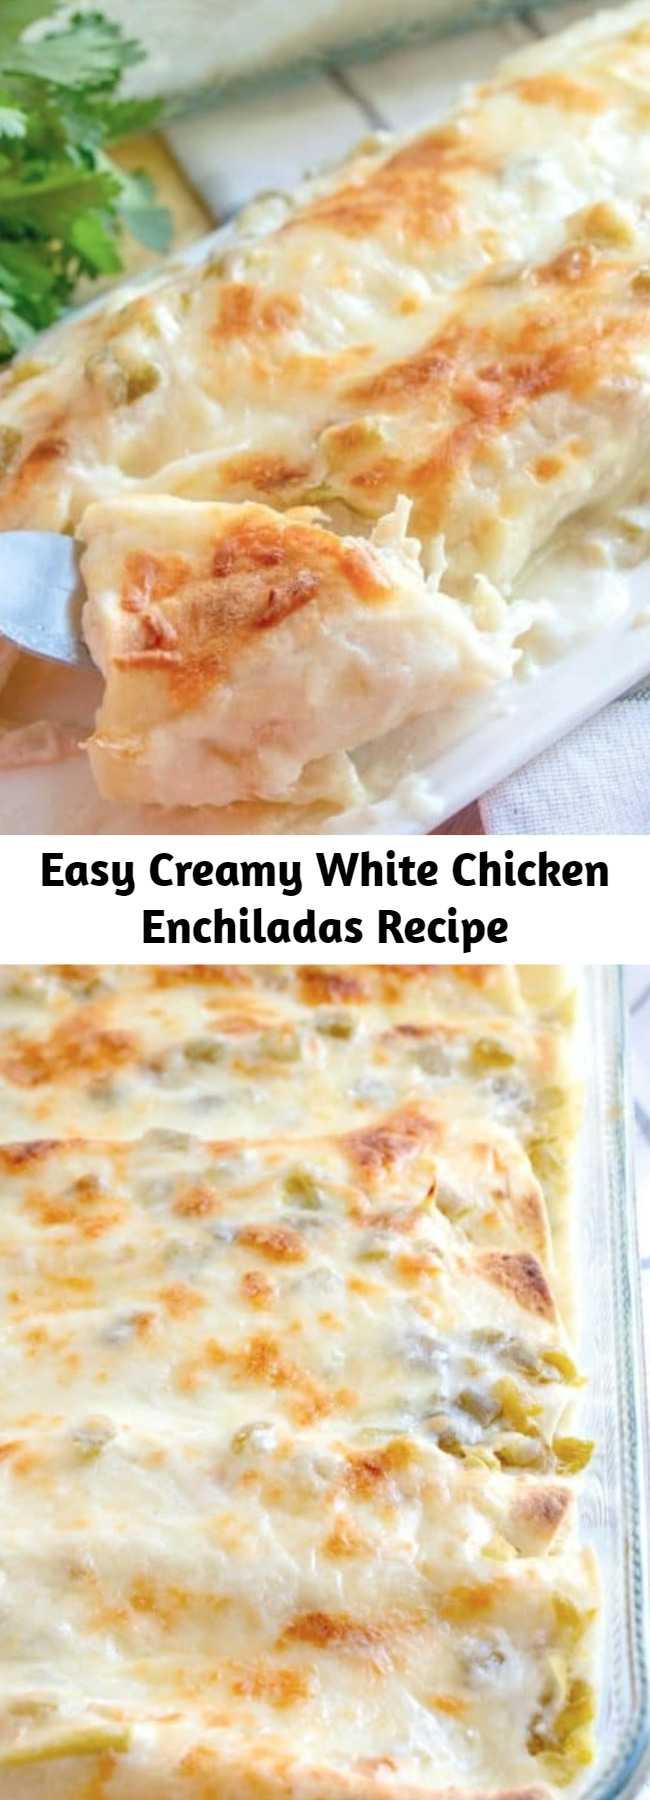 Easy Creamy White Chicken Enchiladas Recipe - White Chicken Enchiladas are made with flour tortillas, shredded chicken, mozzarella, green chiles and a delicious white cream sauce!